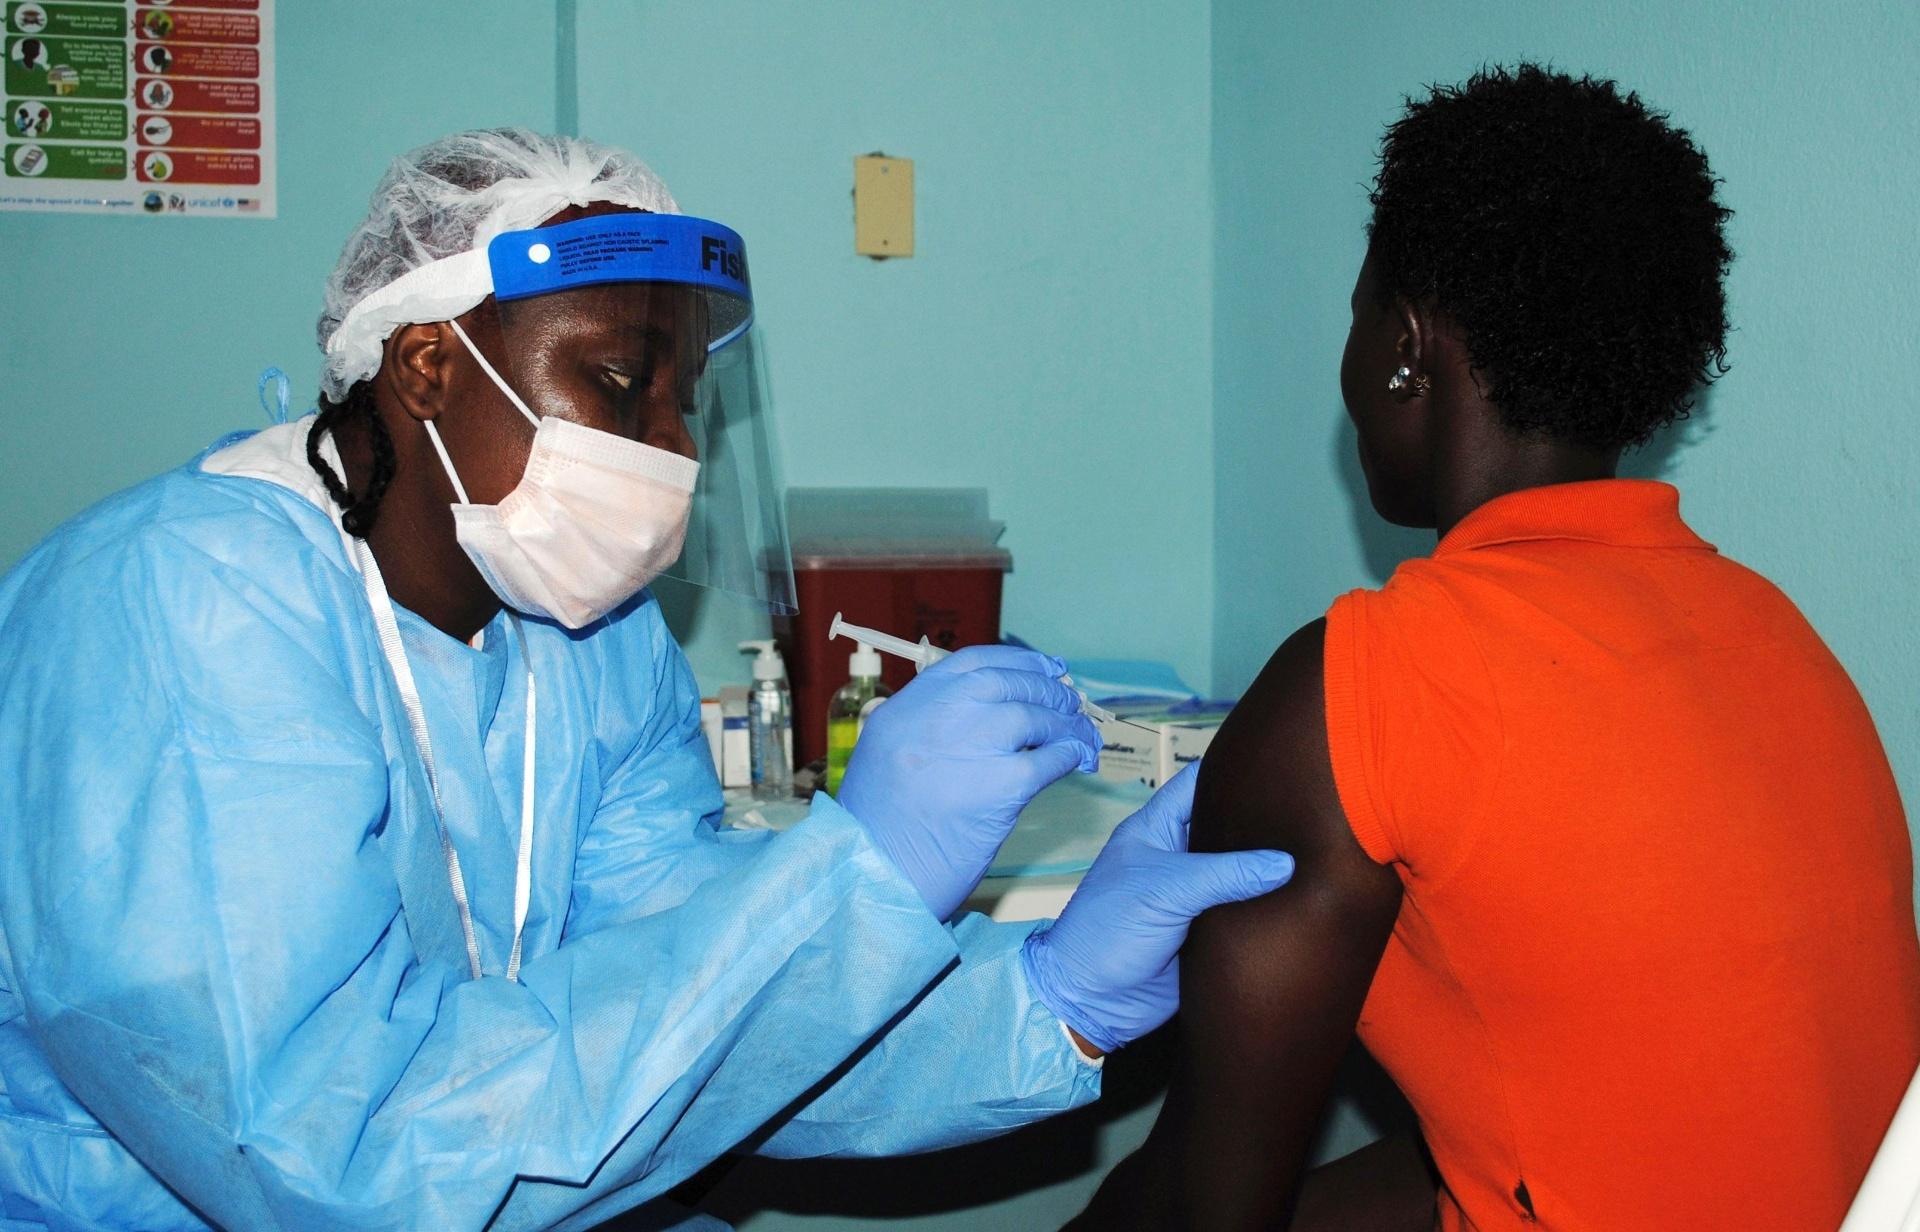 2.fev.2015 - Agente de saúde aplica vacina teste contra ebola em uma mulher durante teste em Monrovia. A Libéria vai testar a vacina contra ebola em 10 mil voluntários, como parte de um esforço para diminuir a propagação do vírus